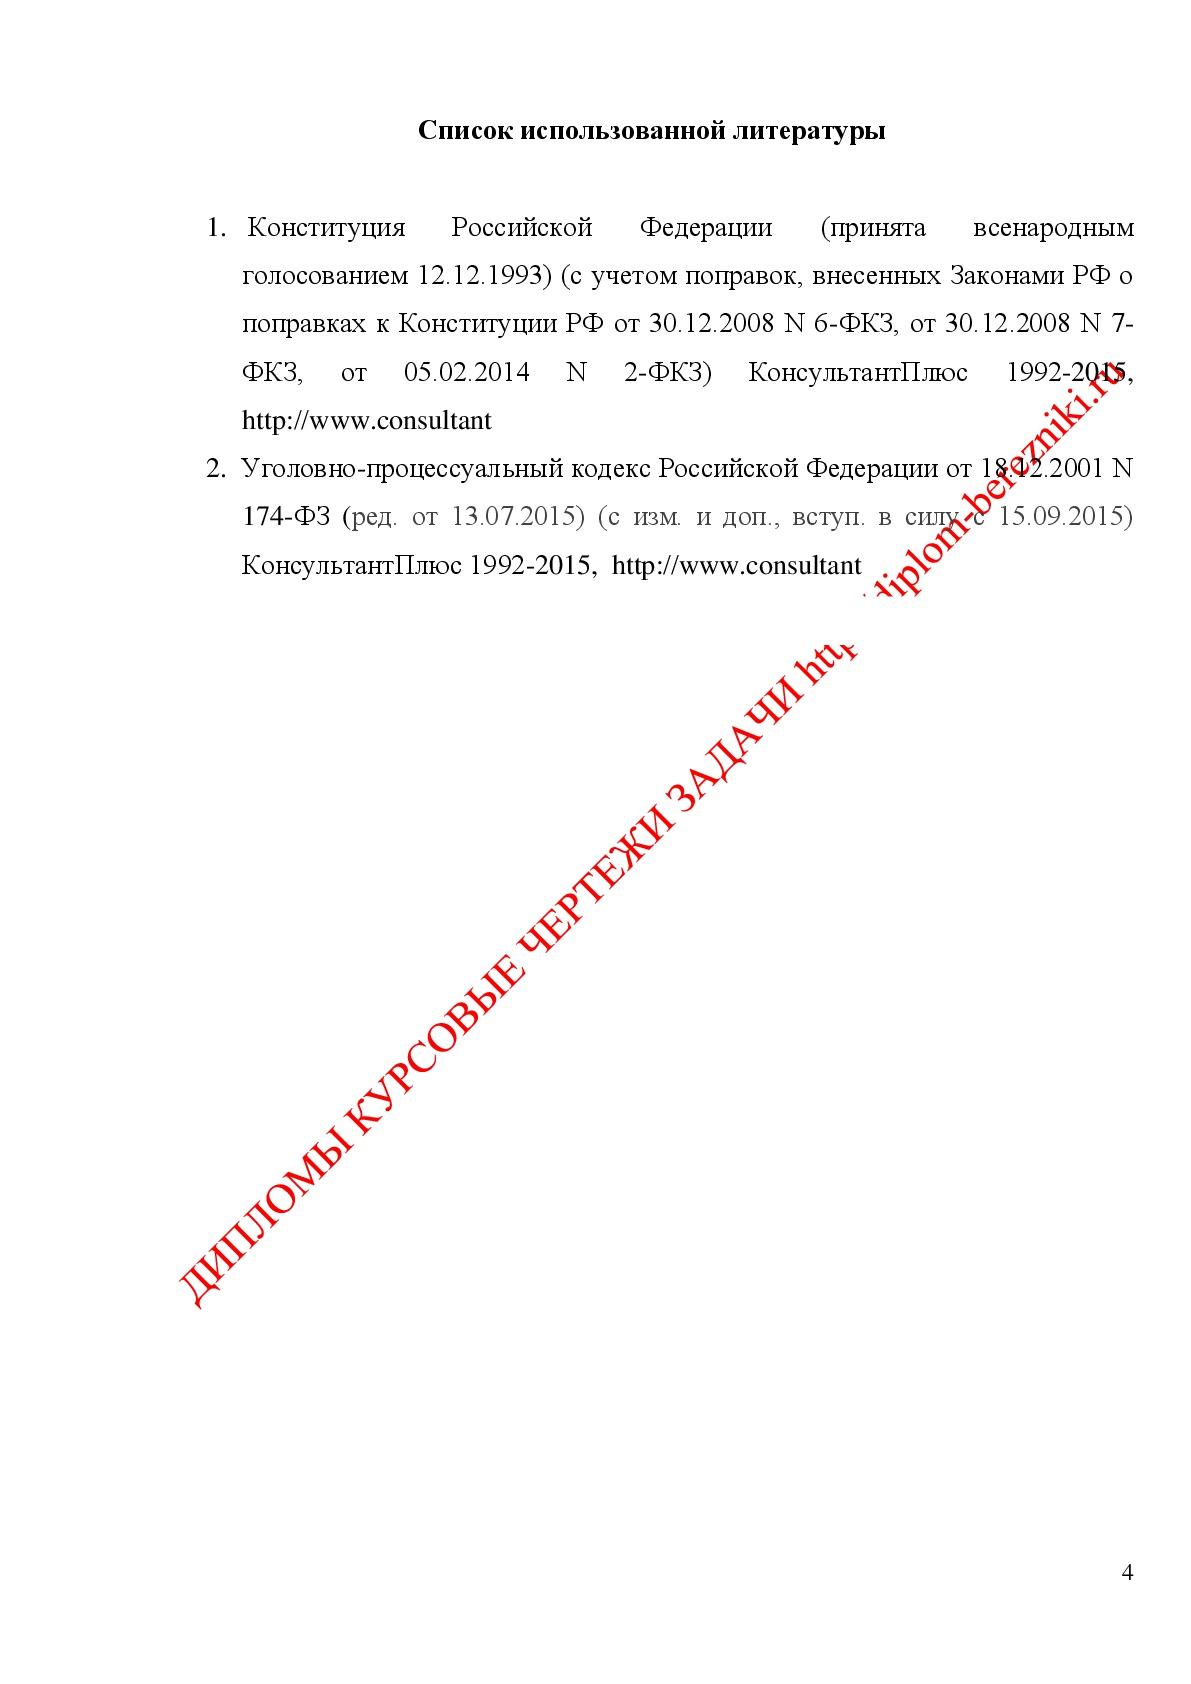 2 апреля 2010 года следователь вынес постановление о привлечении Андреева в качестве обвиняемого которое ему находящемуся под стражей предъявил 12 апреля 2010 года